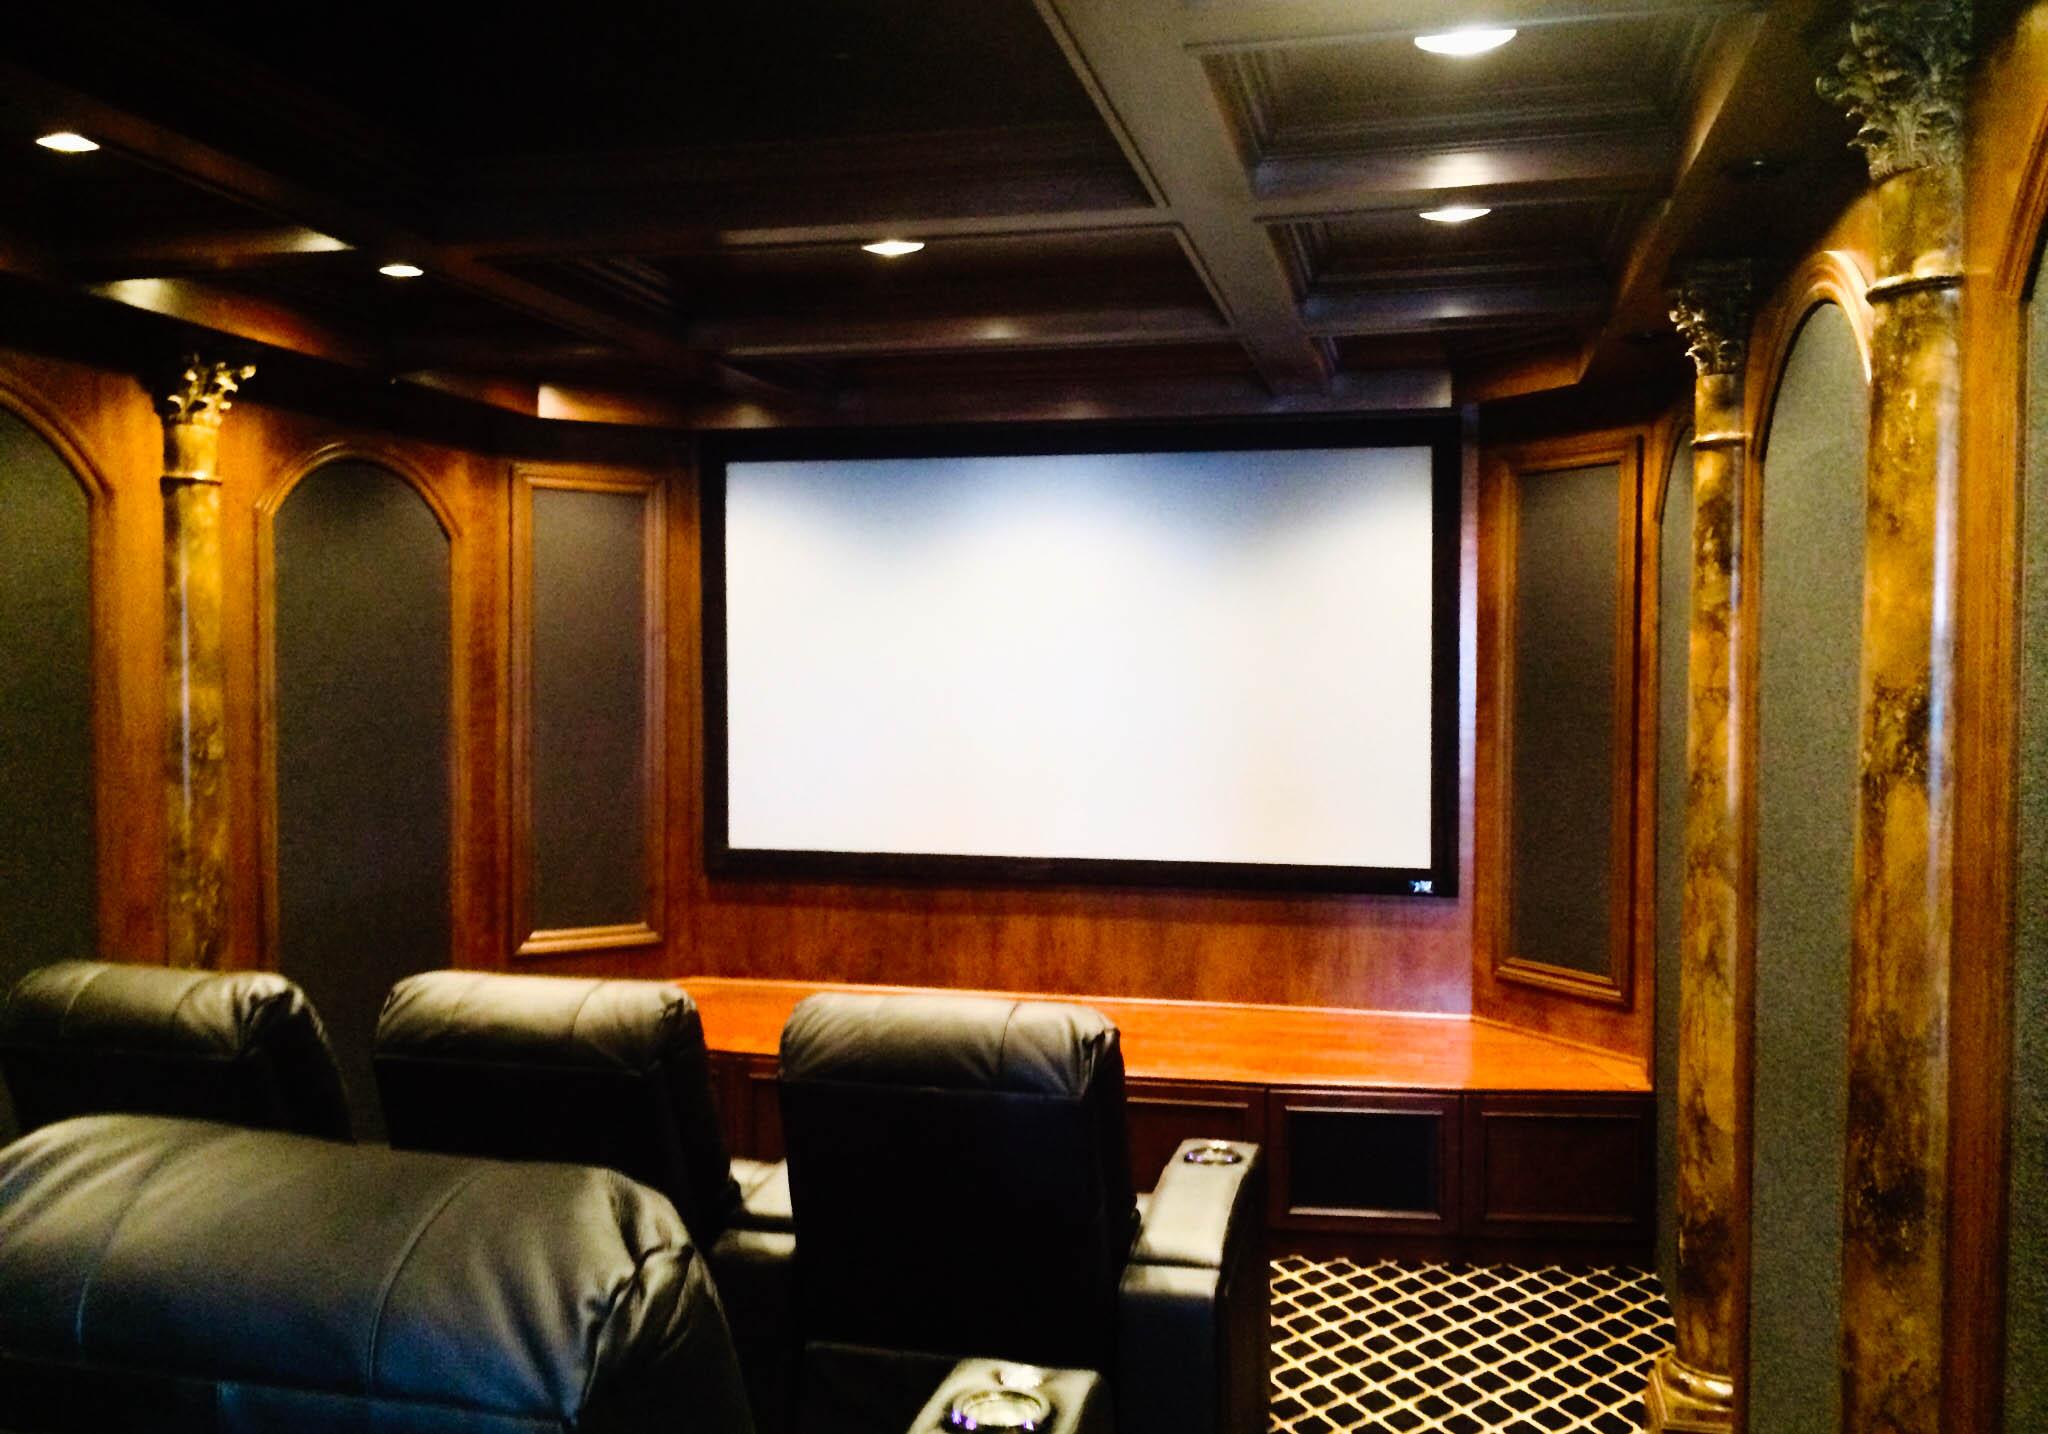 syntronic av » blog archive northville home theater room